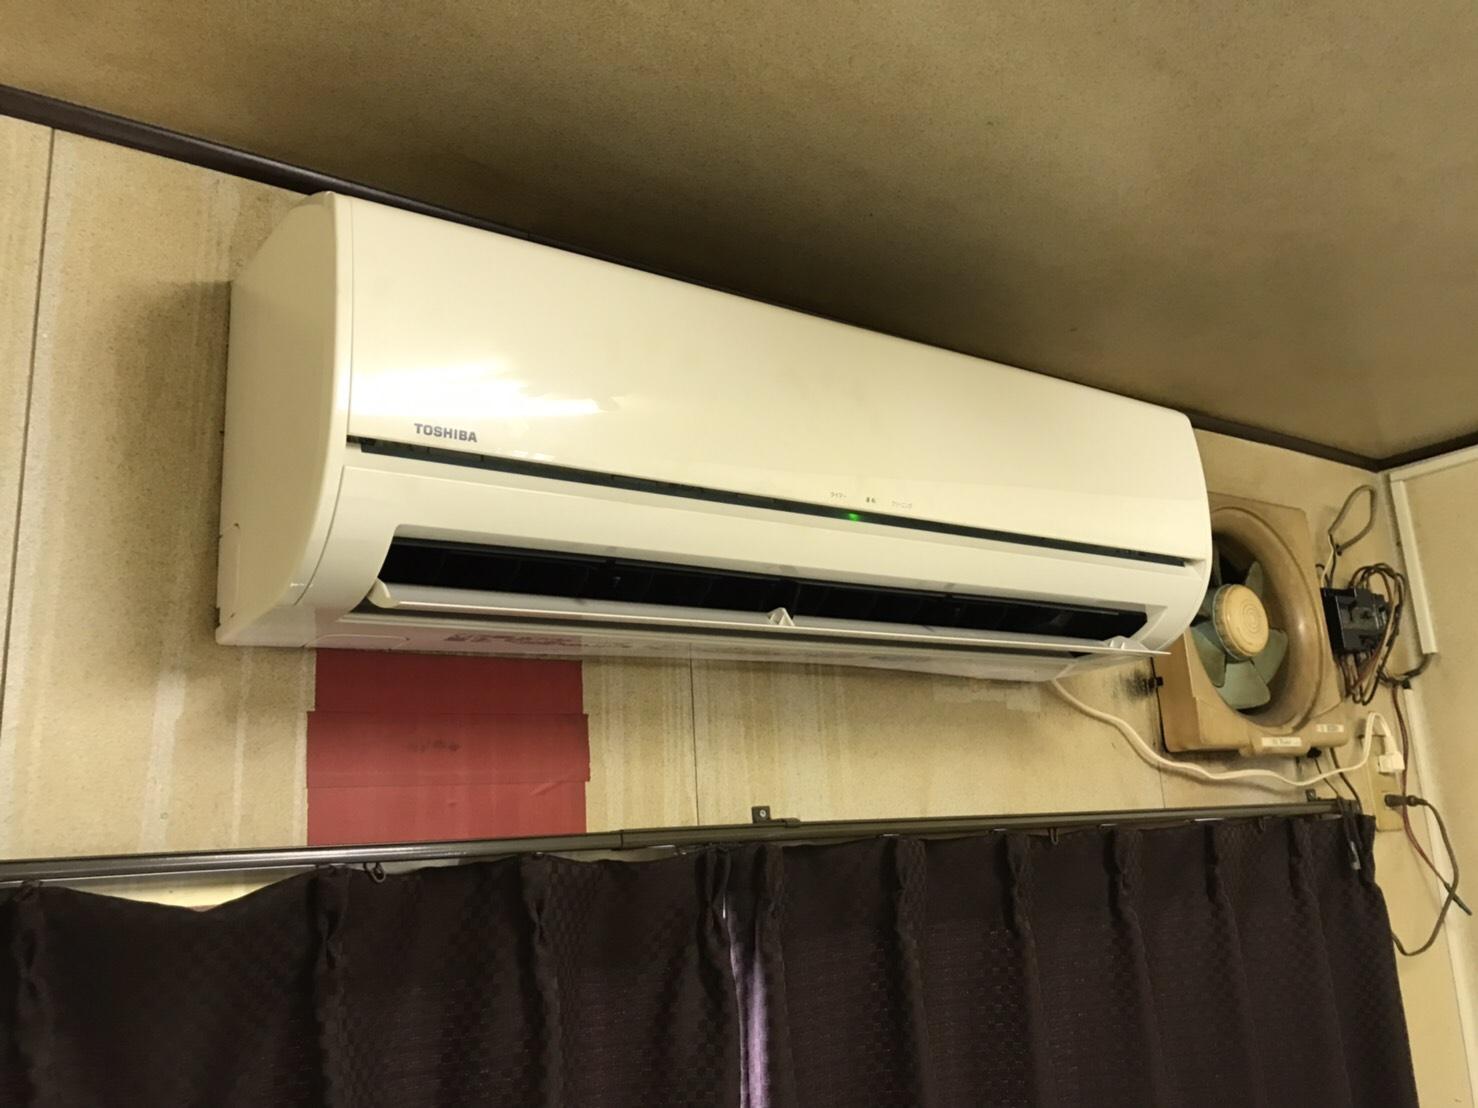 八女市S鐵工所従業員休憩室エアコン清掃